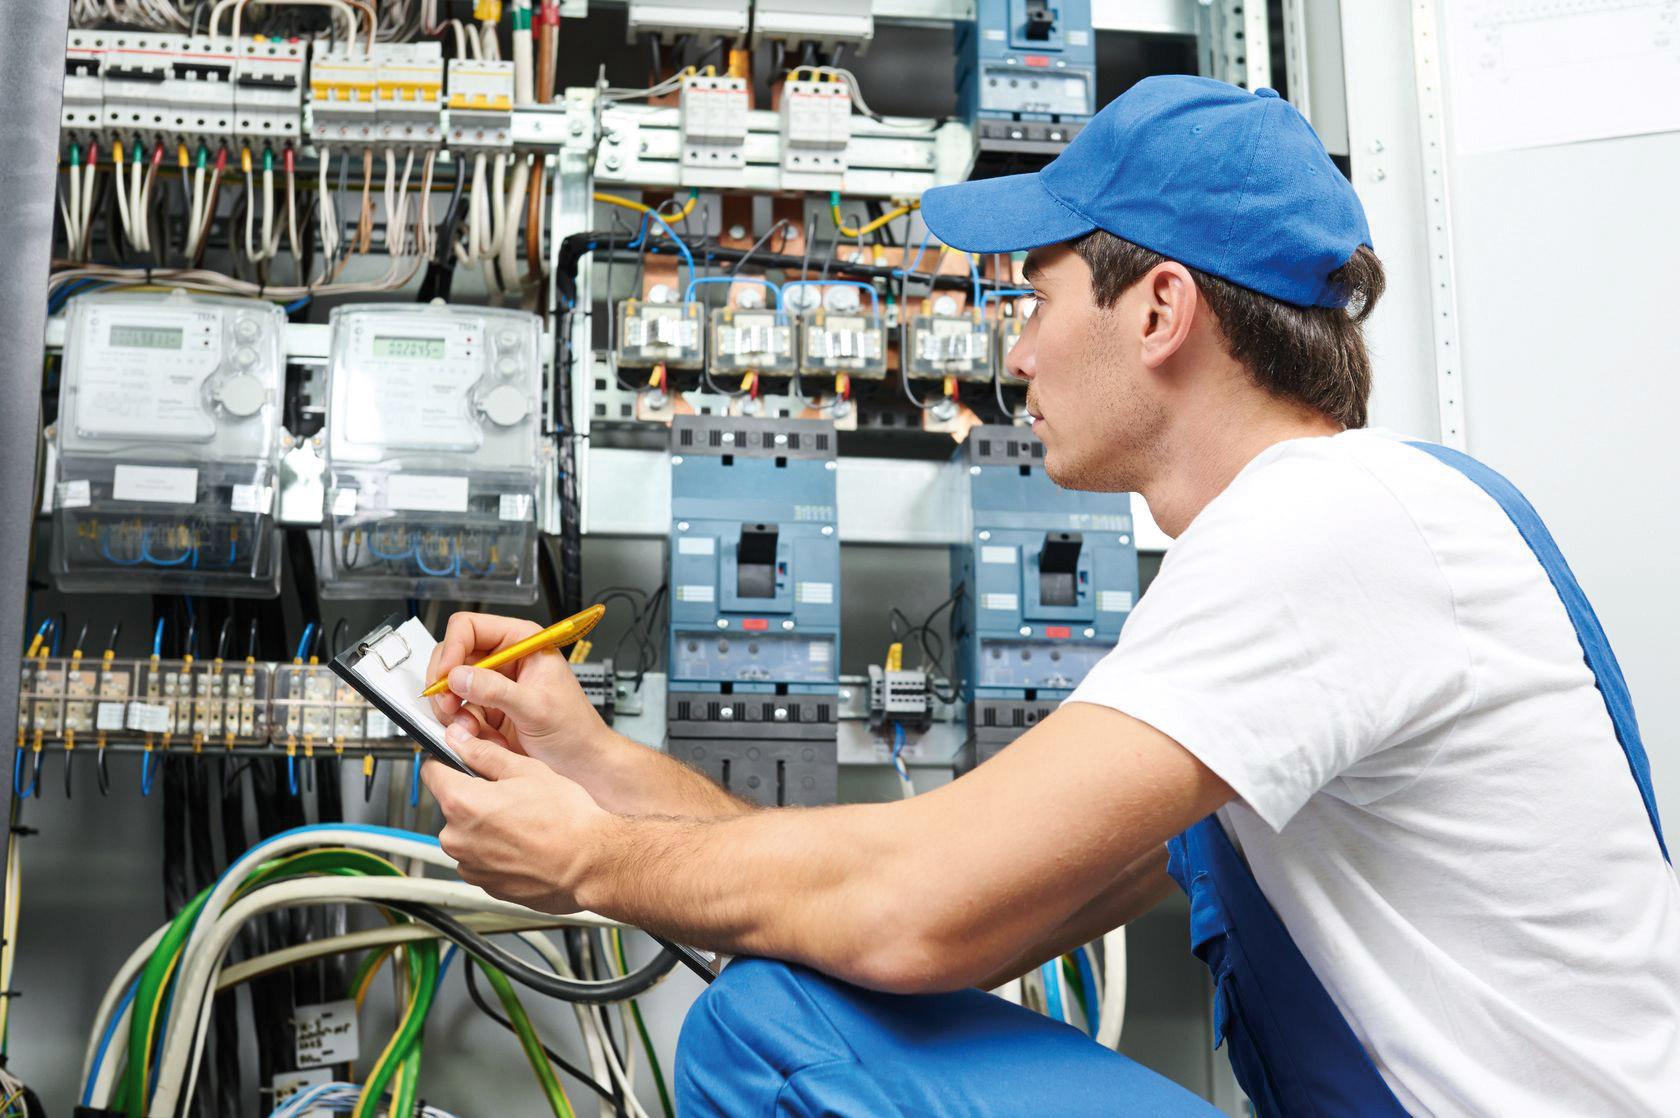 Промышленный электромонтаж осуществляет наша компания